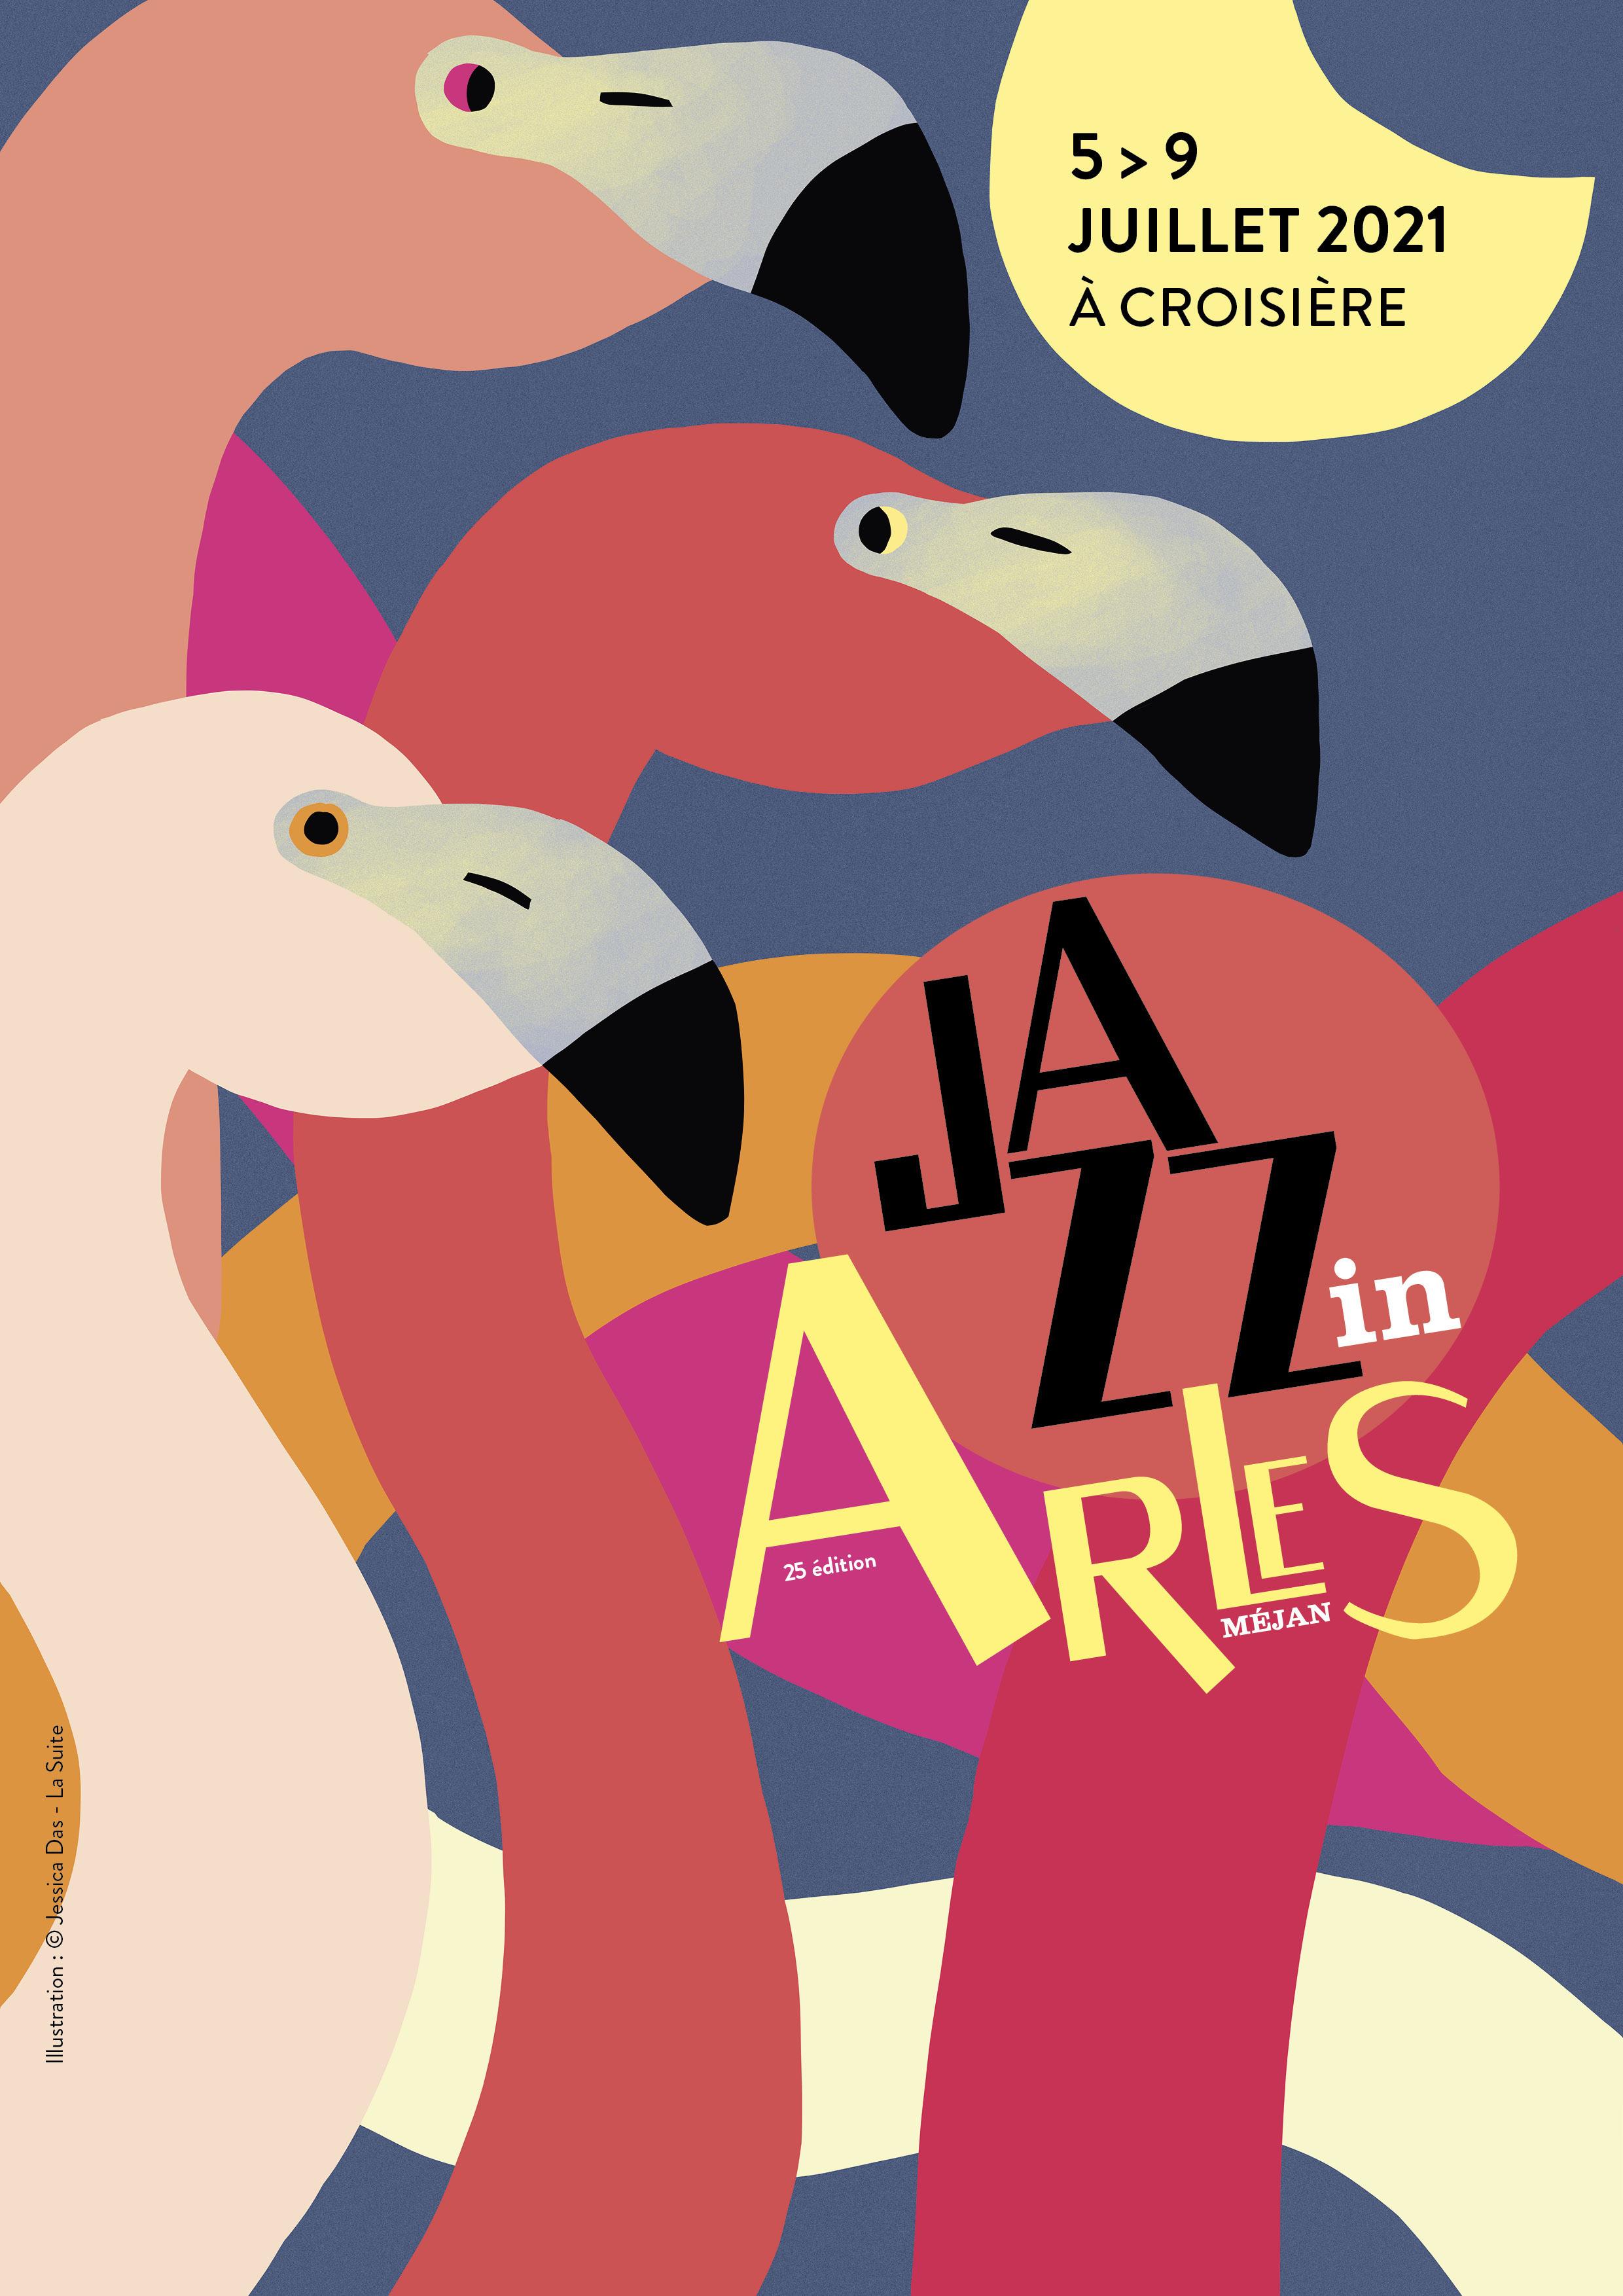 Jazz in Arles s'exporte à l'heure d'été à Croisière